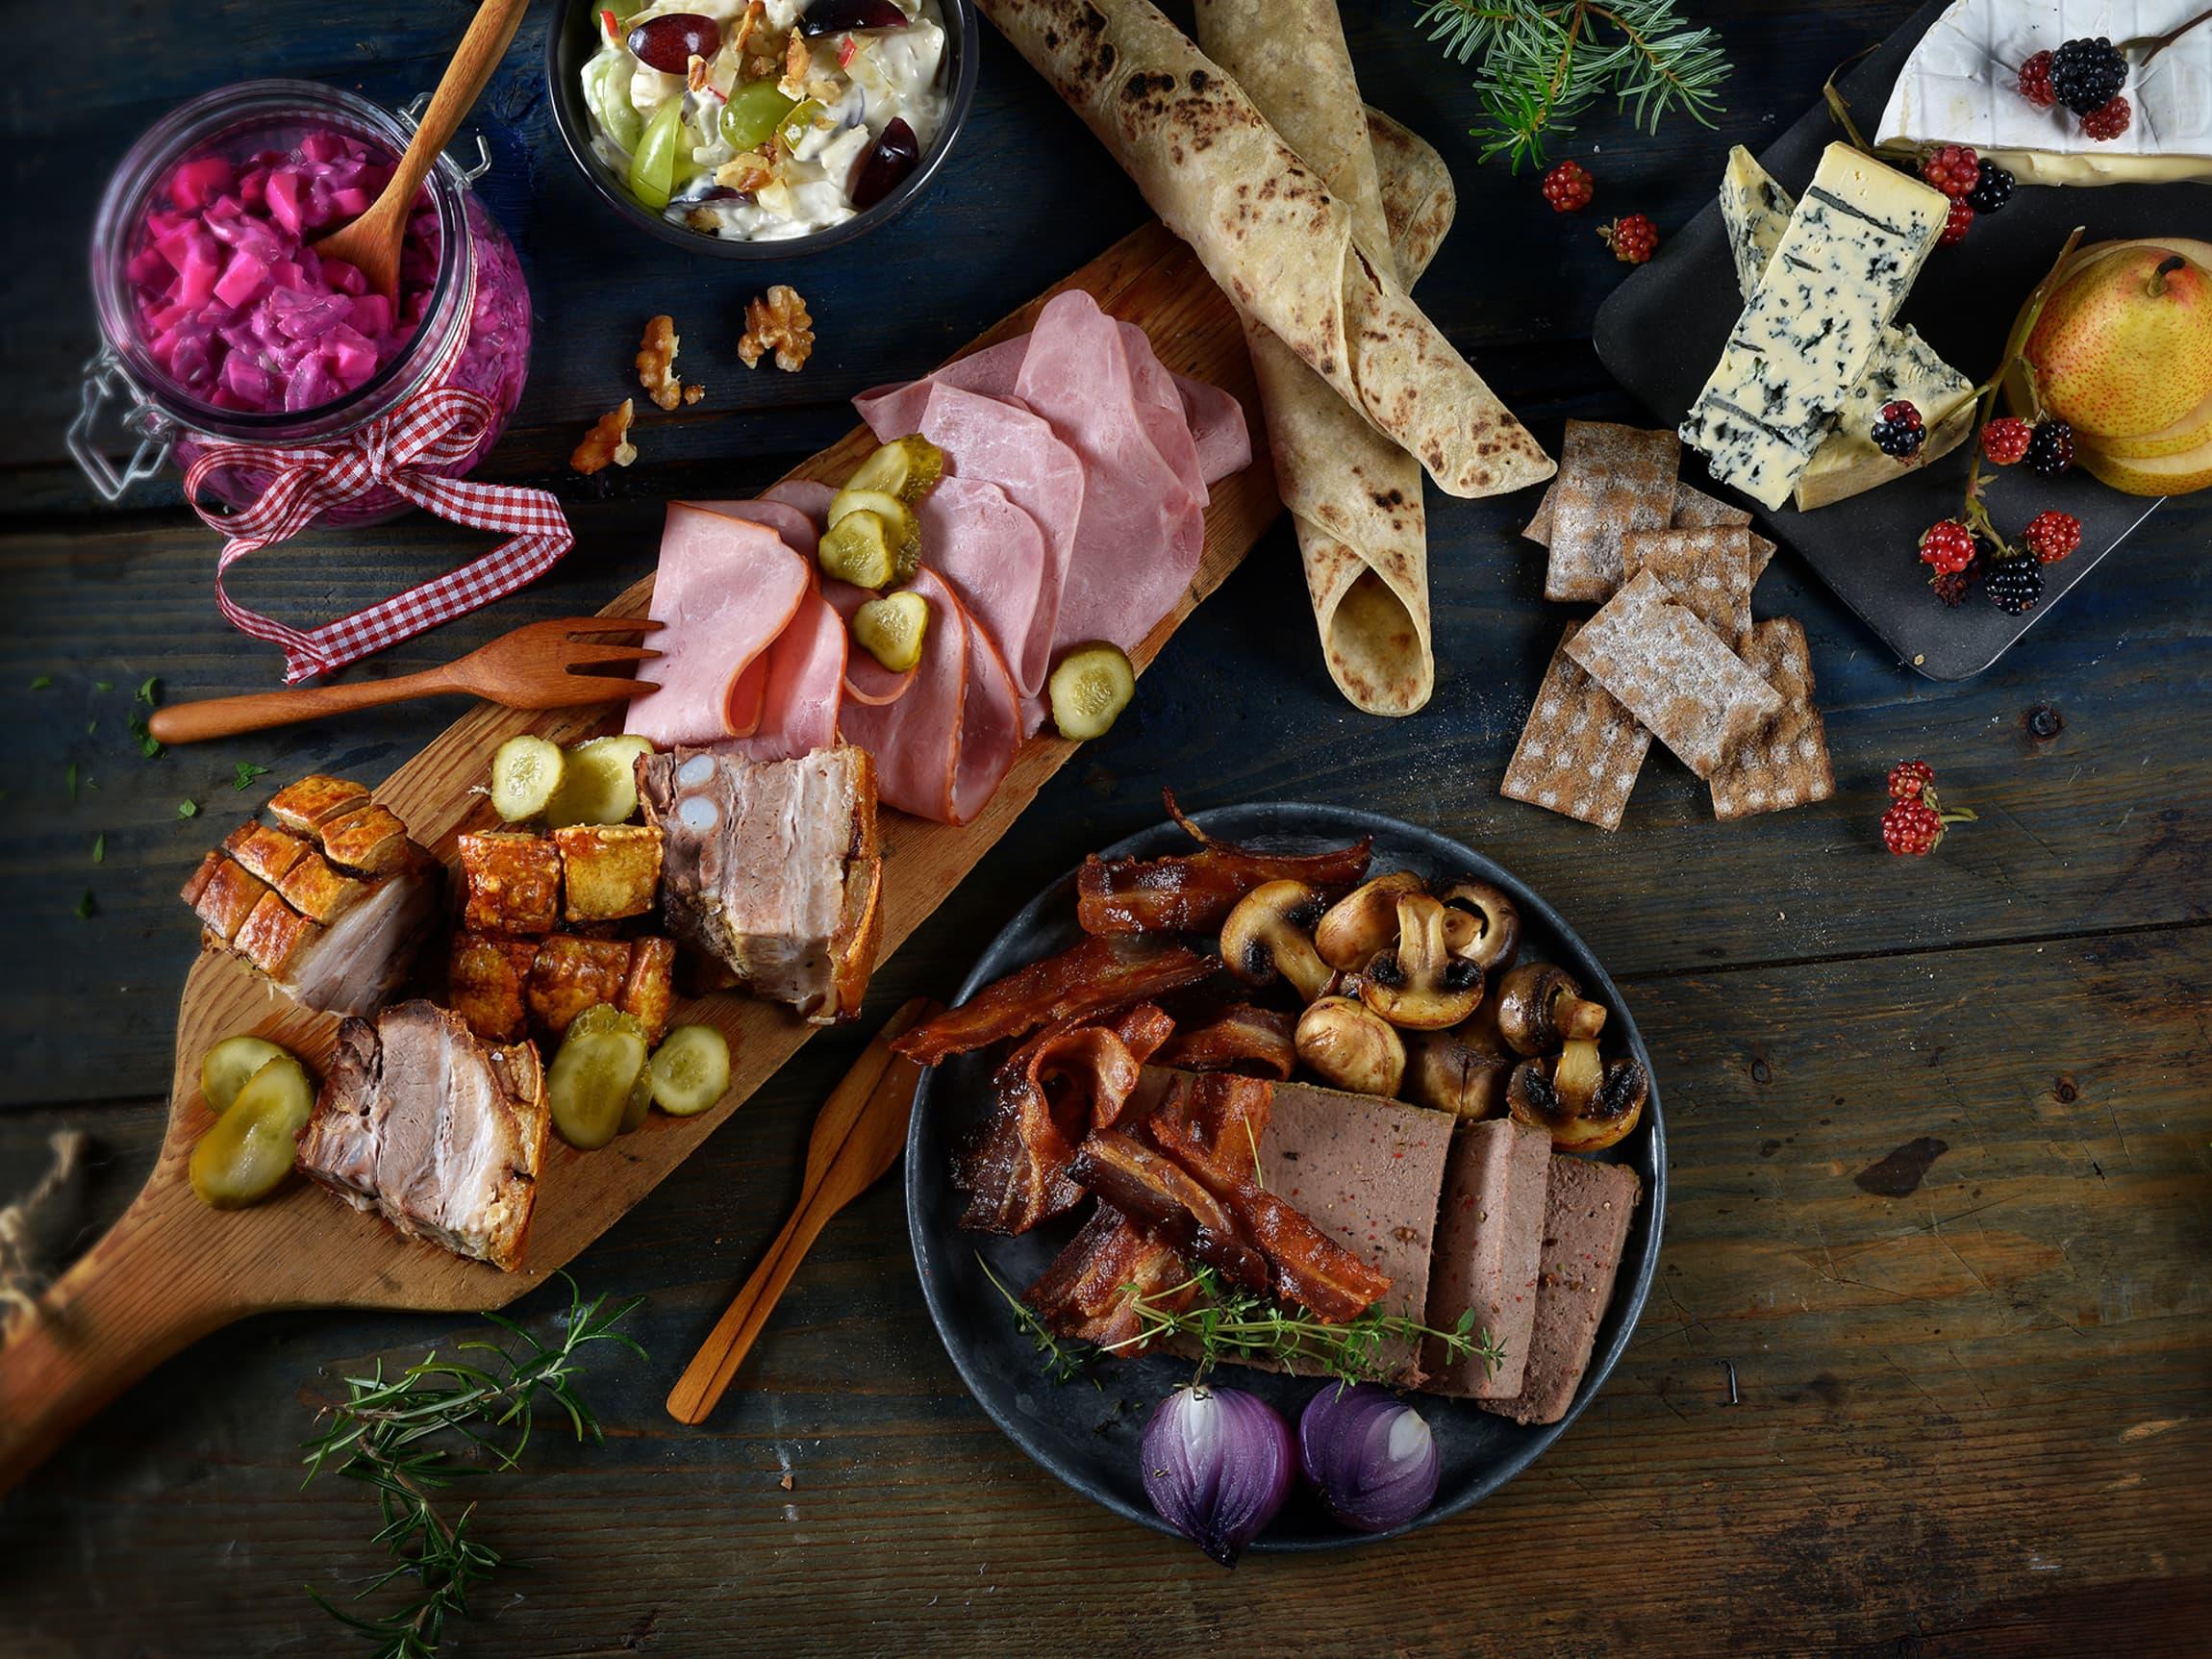 Både ost, ribbe, skinker, salater og posteier hører til på julefrokostbordet.